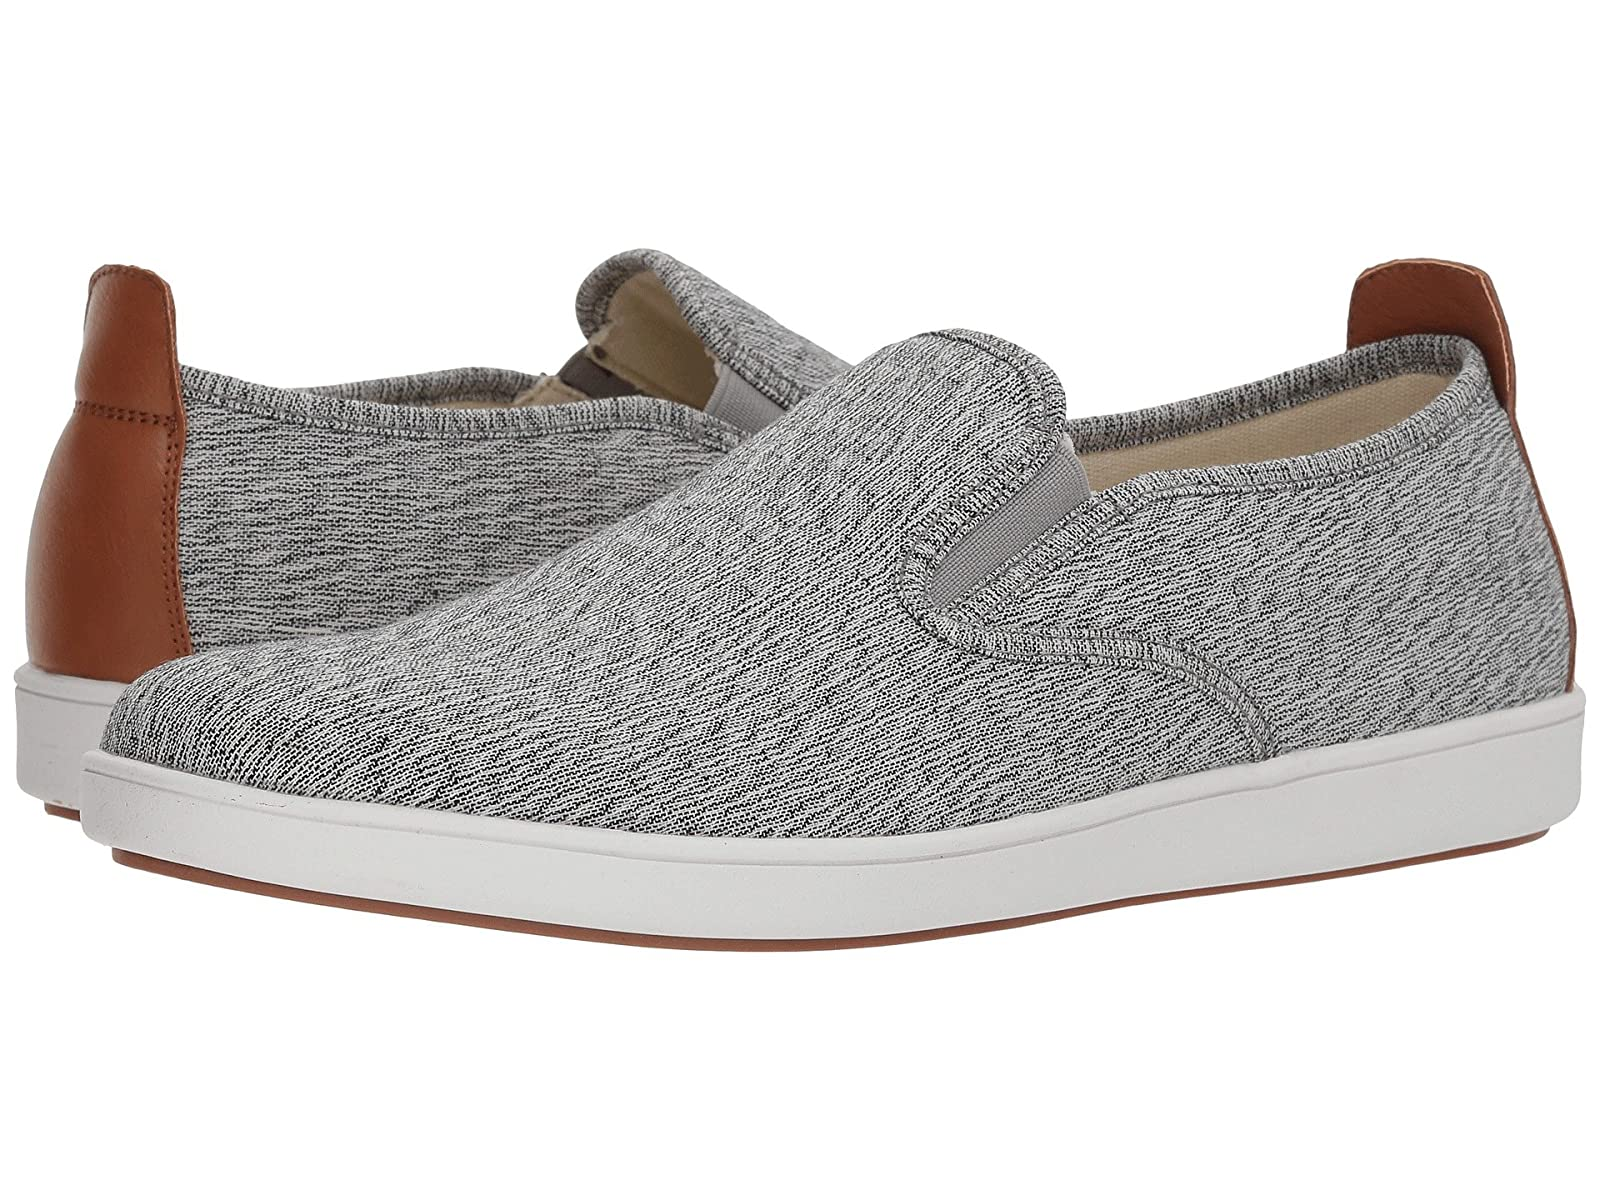 Steve Madden FelixAtmospheric grades have affordable shoes